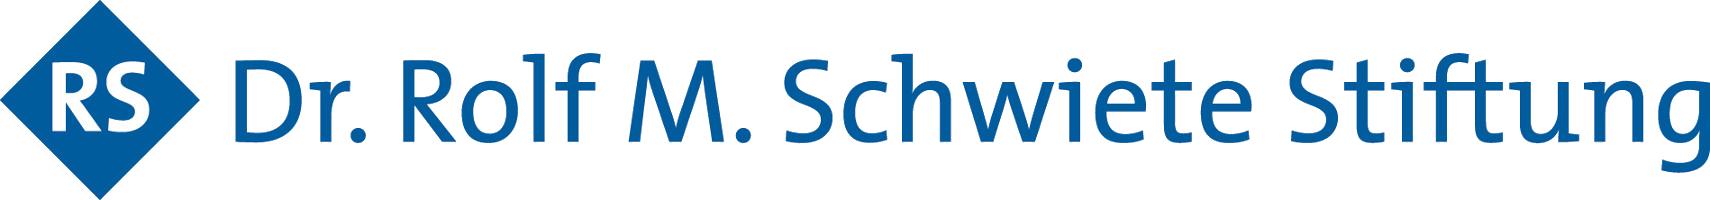 Dr. Rolf M. Schwiete Stiftung